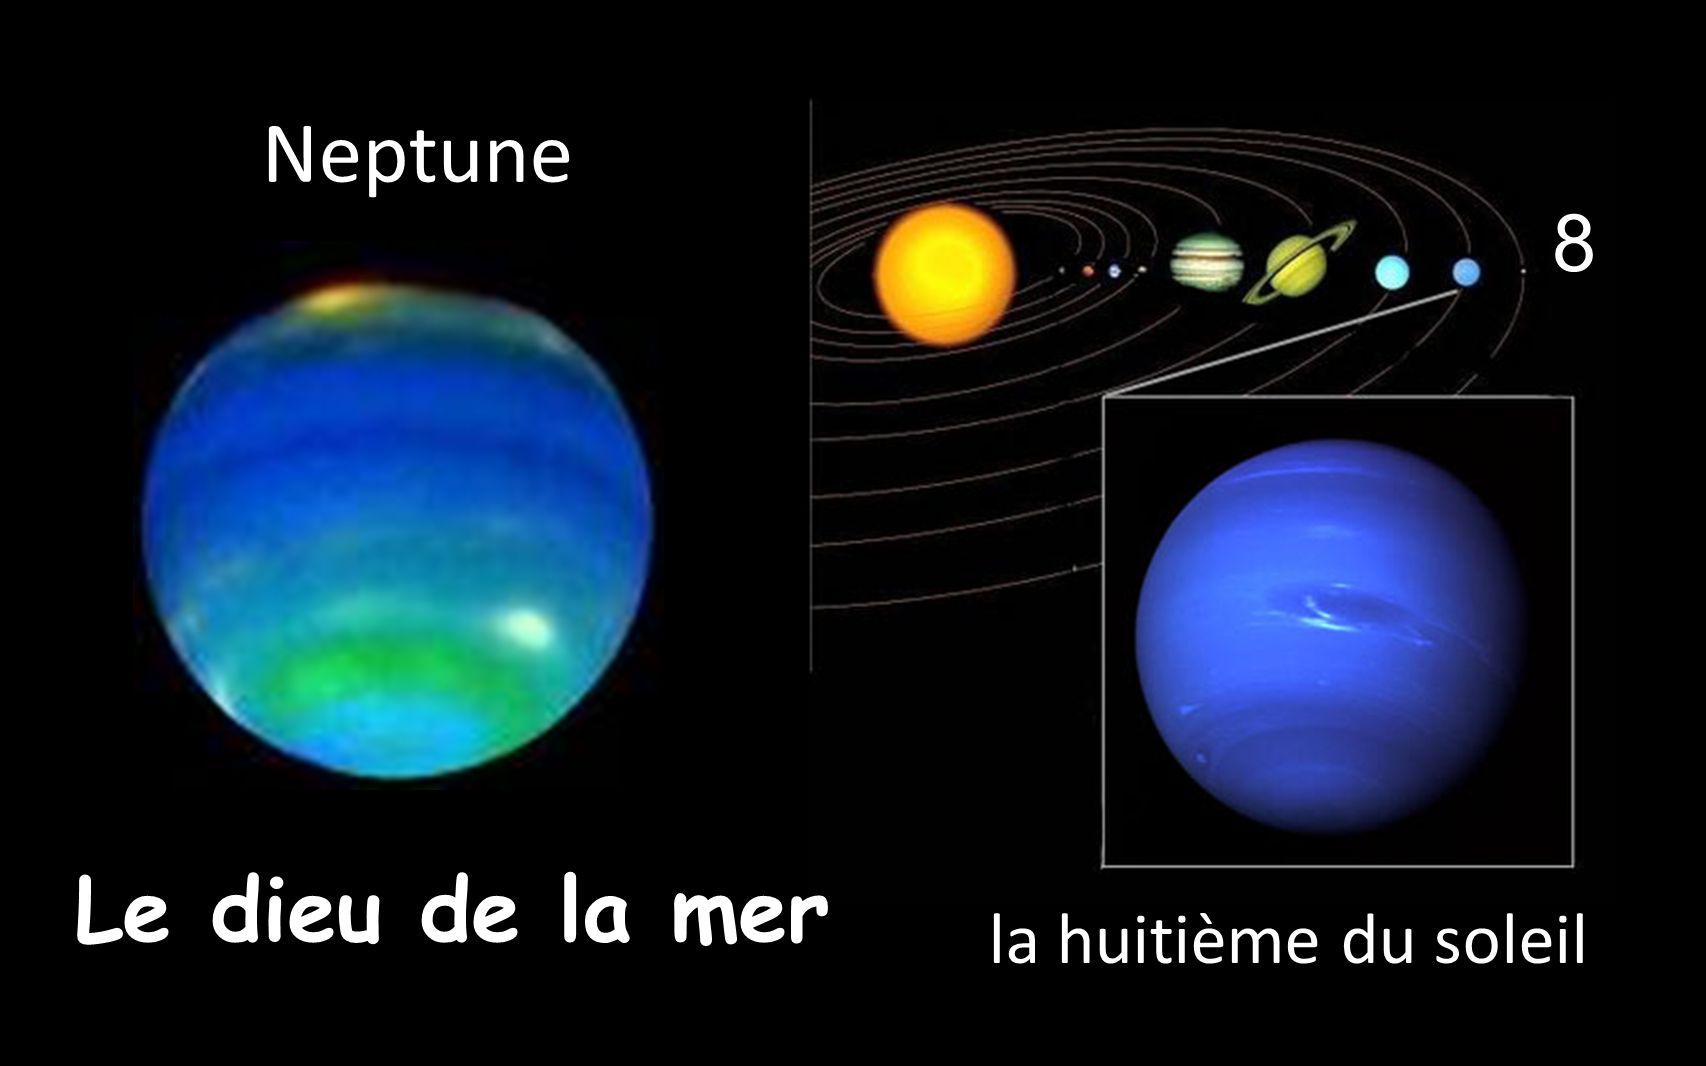 8 la huitième du soleil _Neptune _Le dieu de la mer